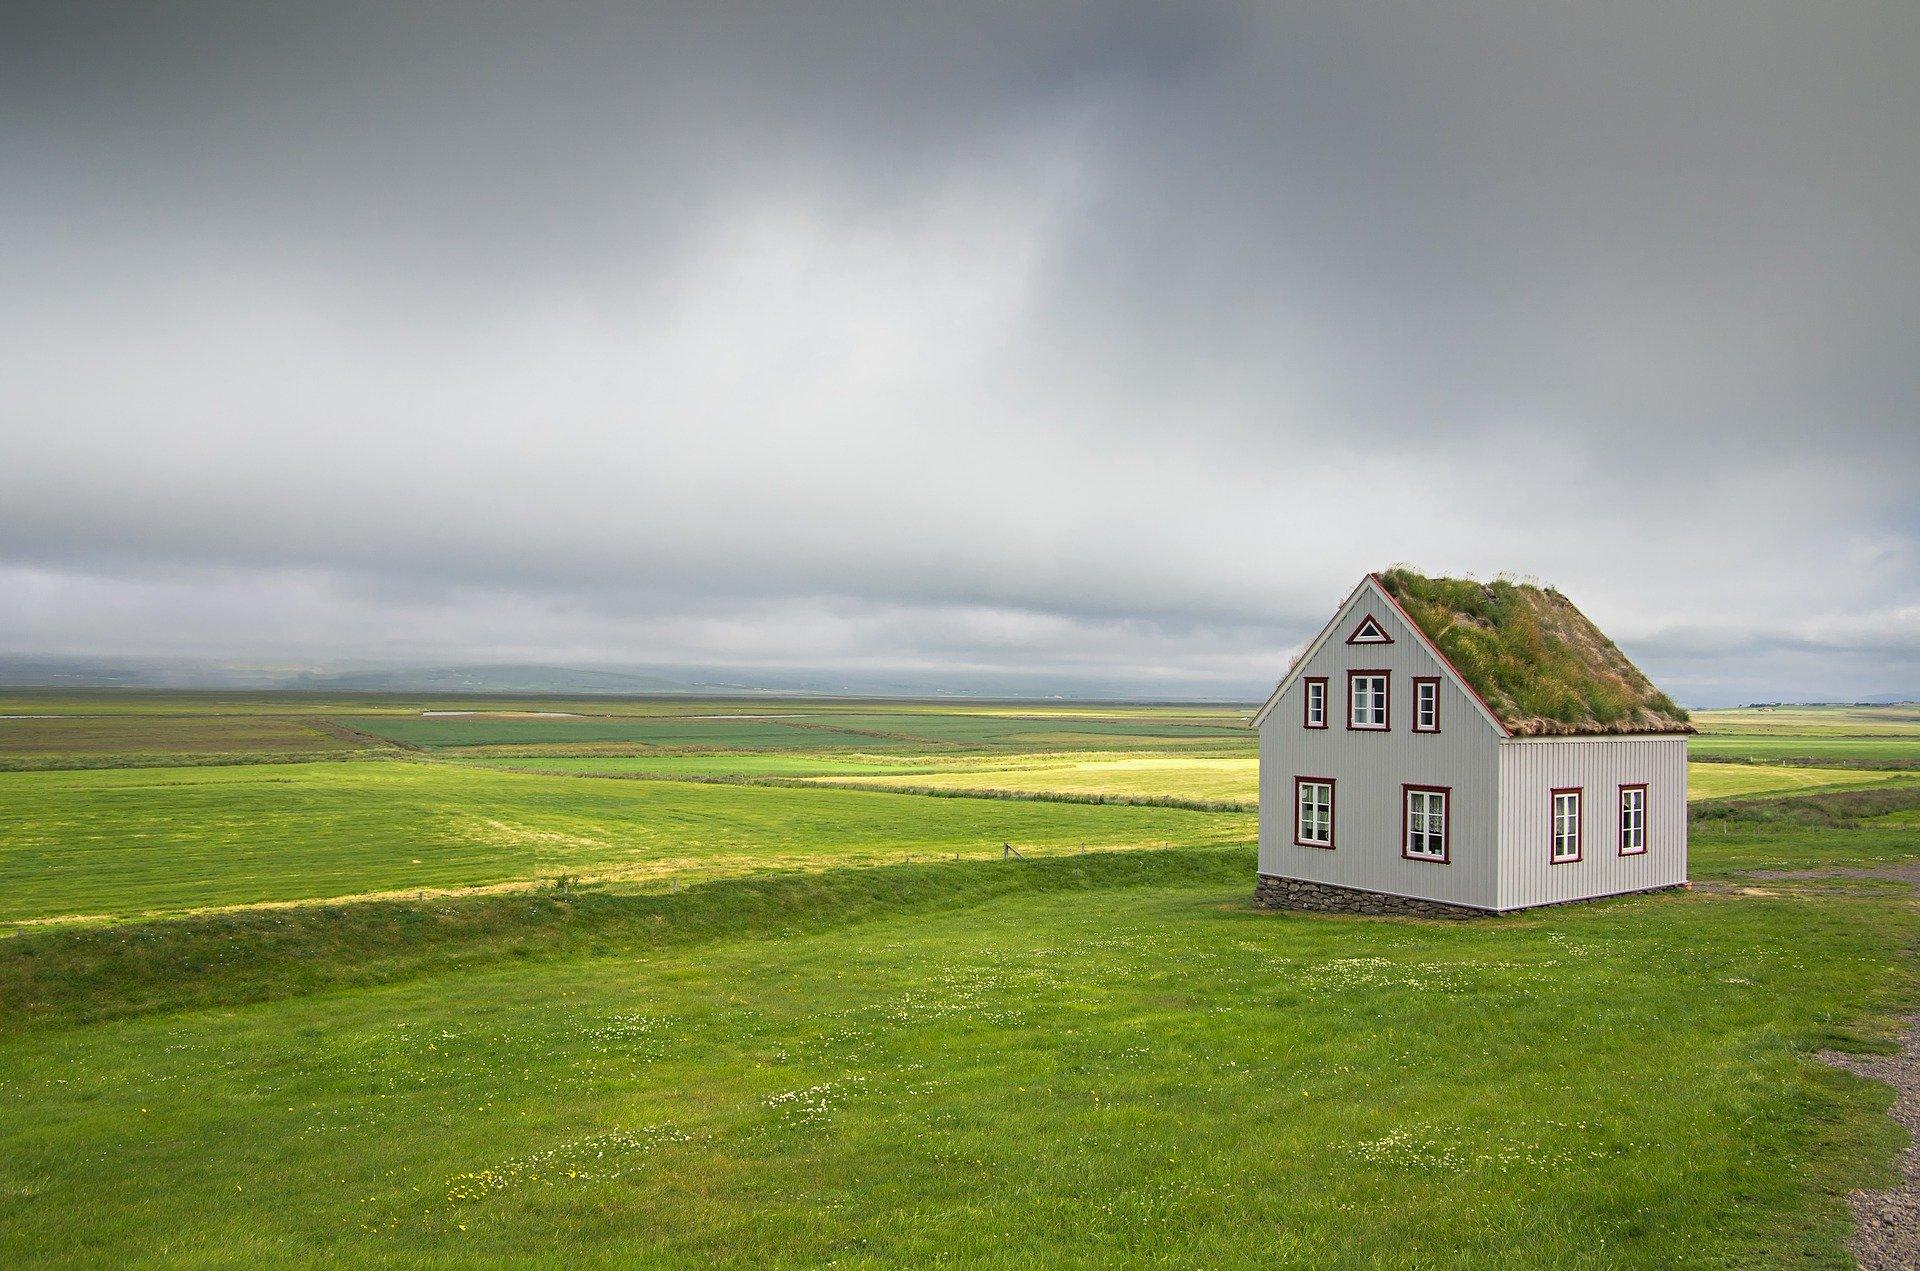 sprzedaz-mieszkania-formalnosci-2020